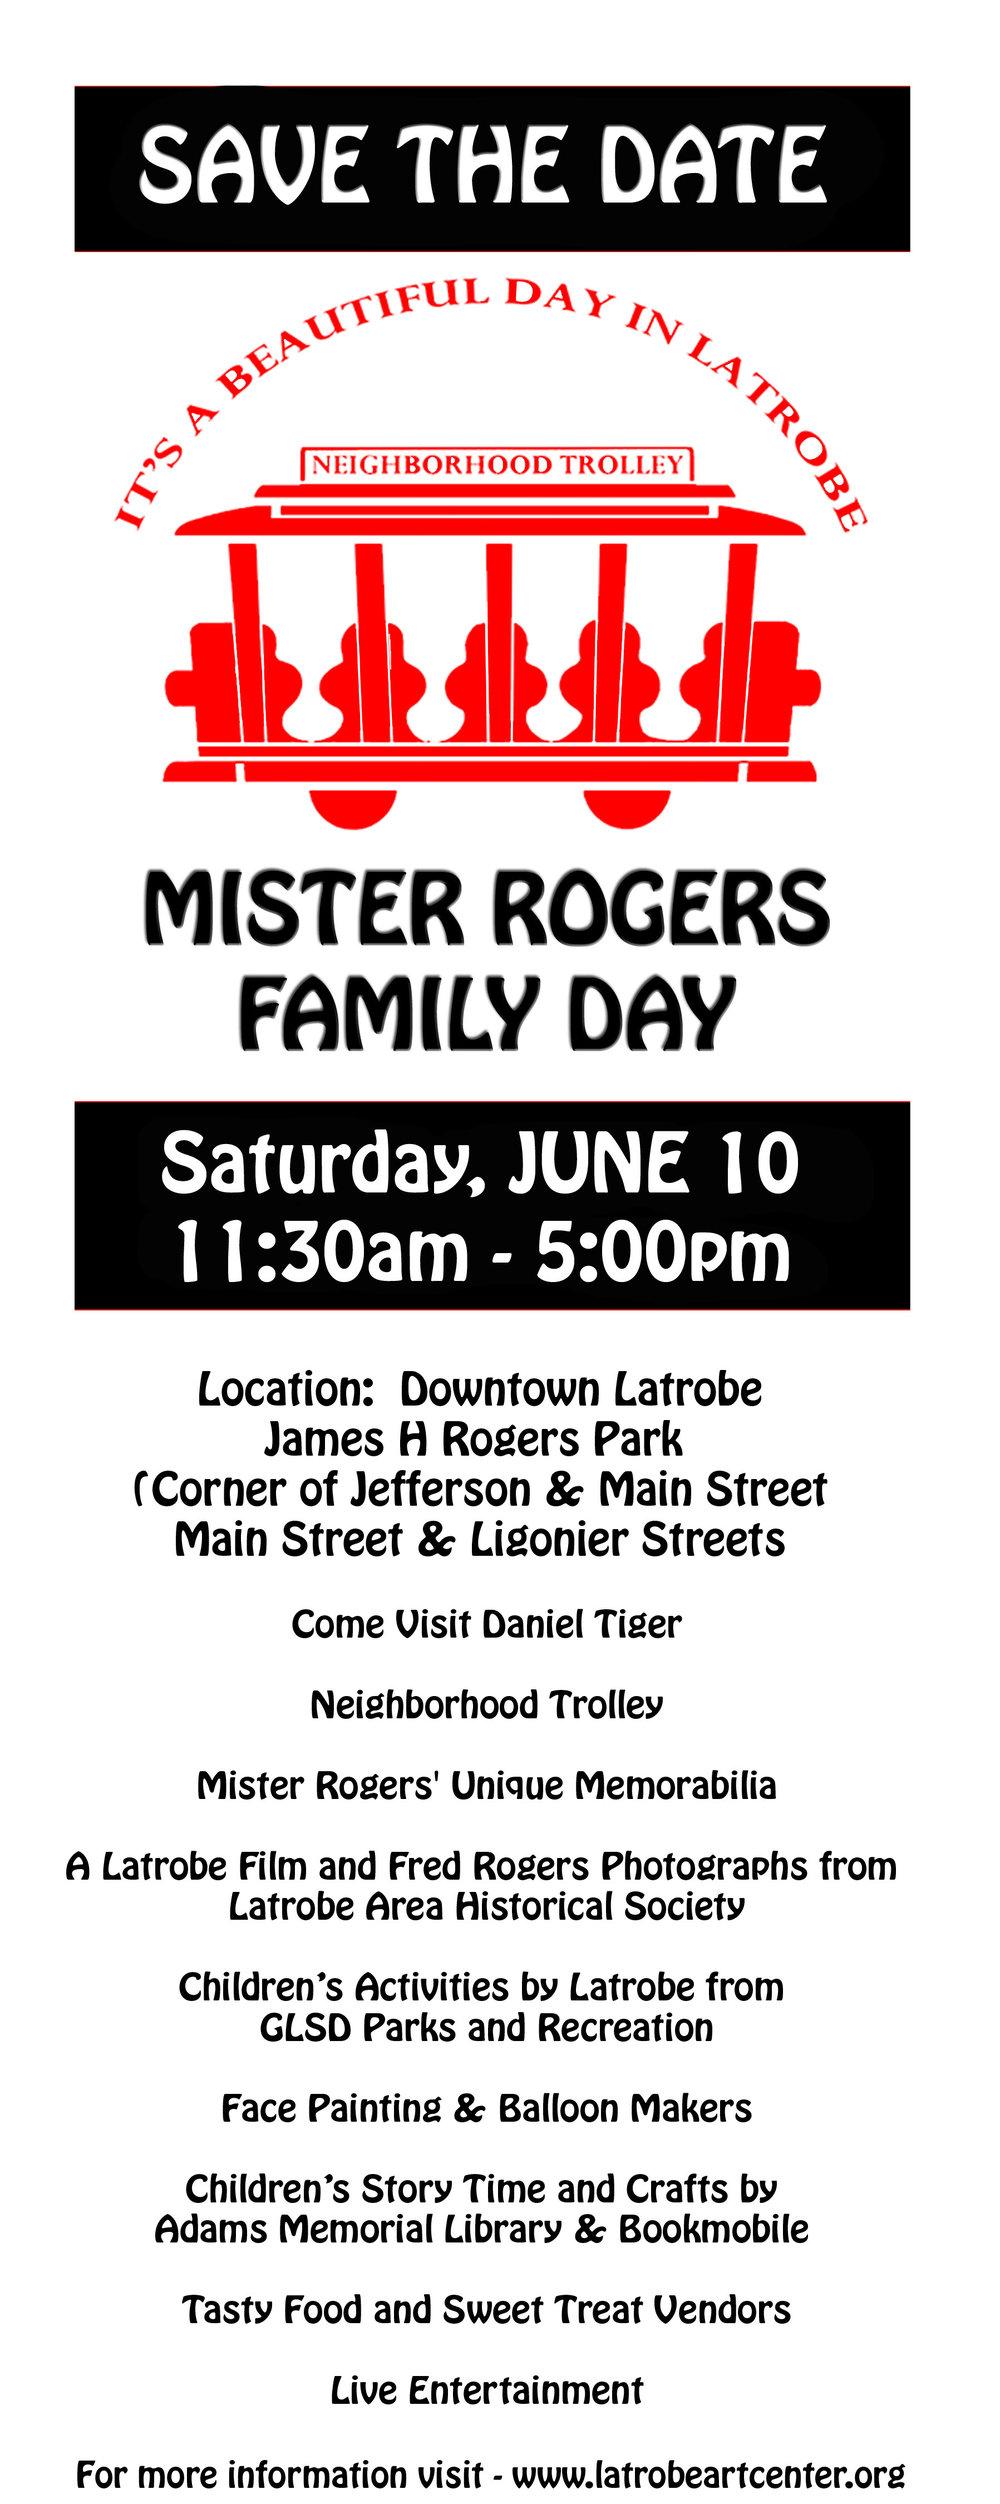 Mr Rogers Family Day, Latrobe Art Center